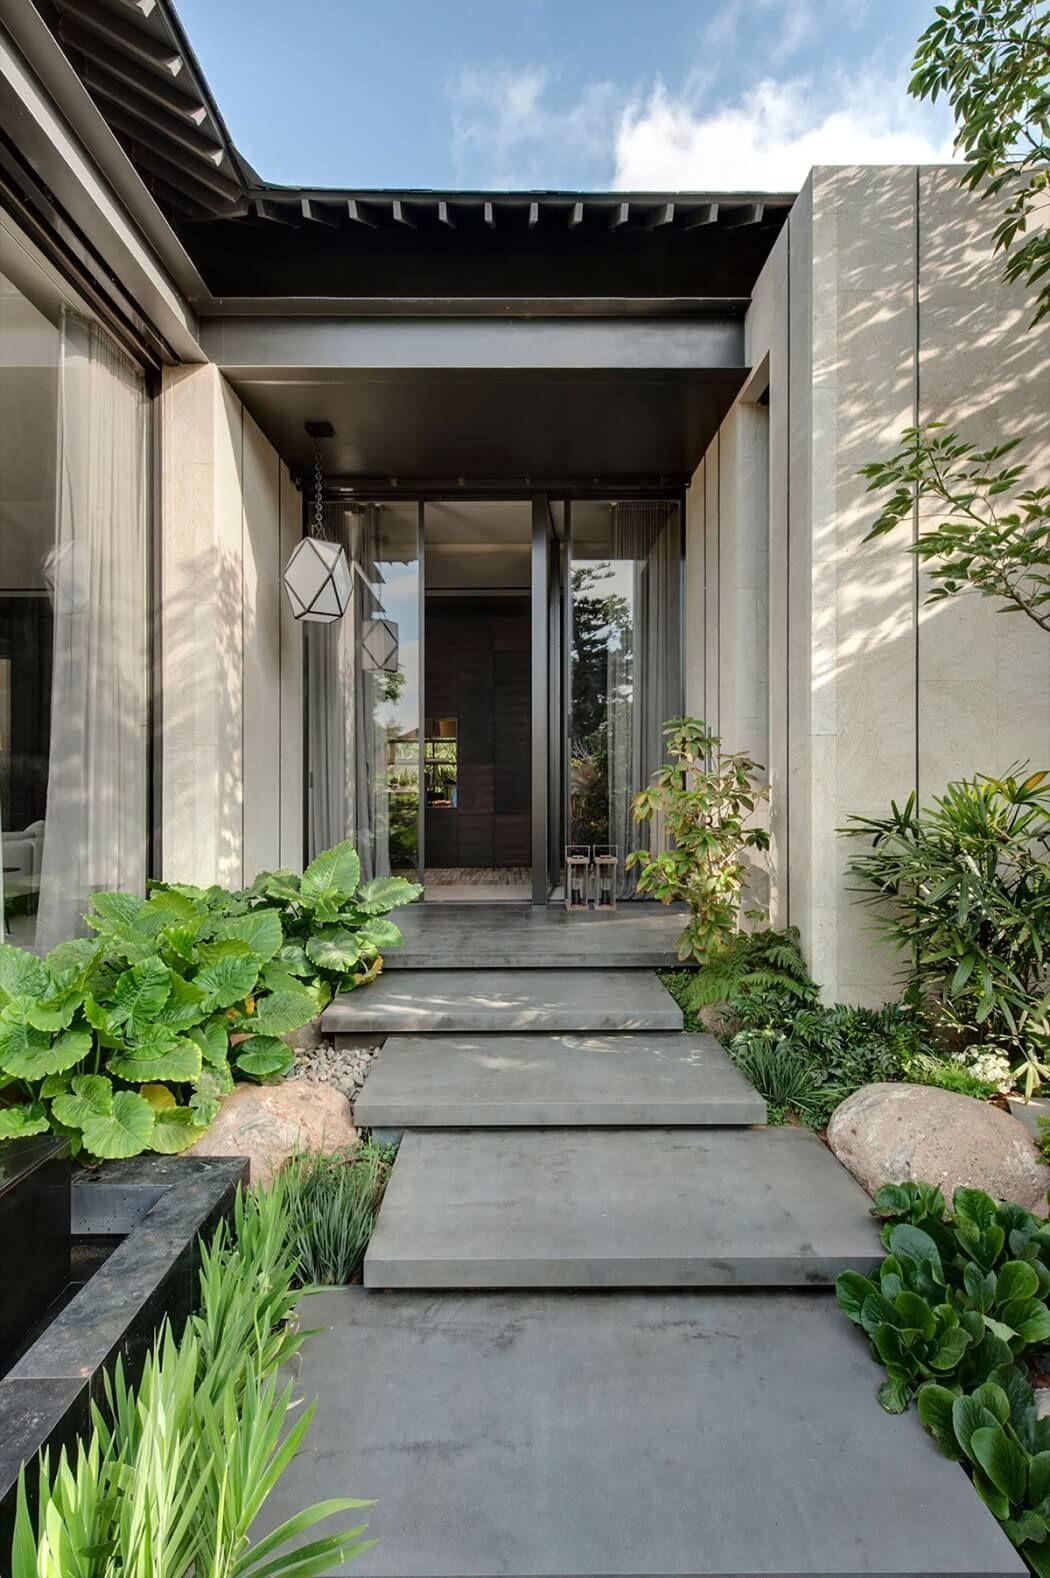 Contemporary home by eran binderman rama dotan for Garden slab designs